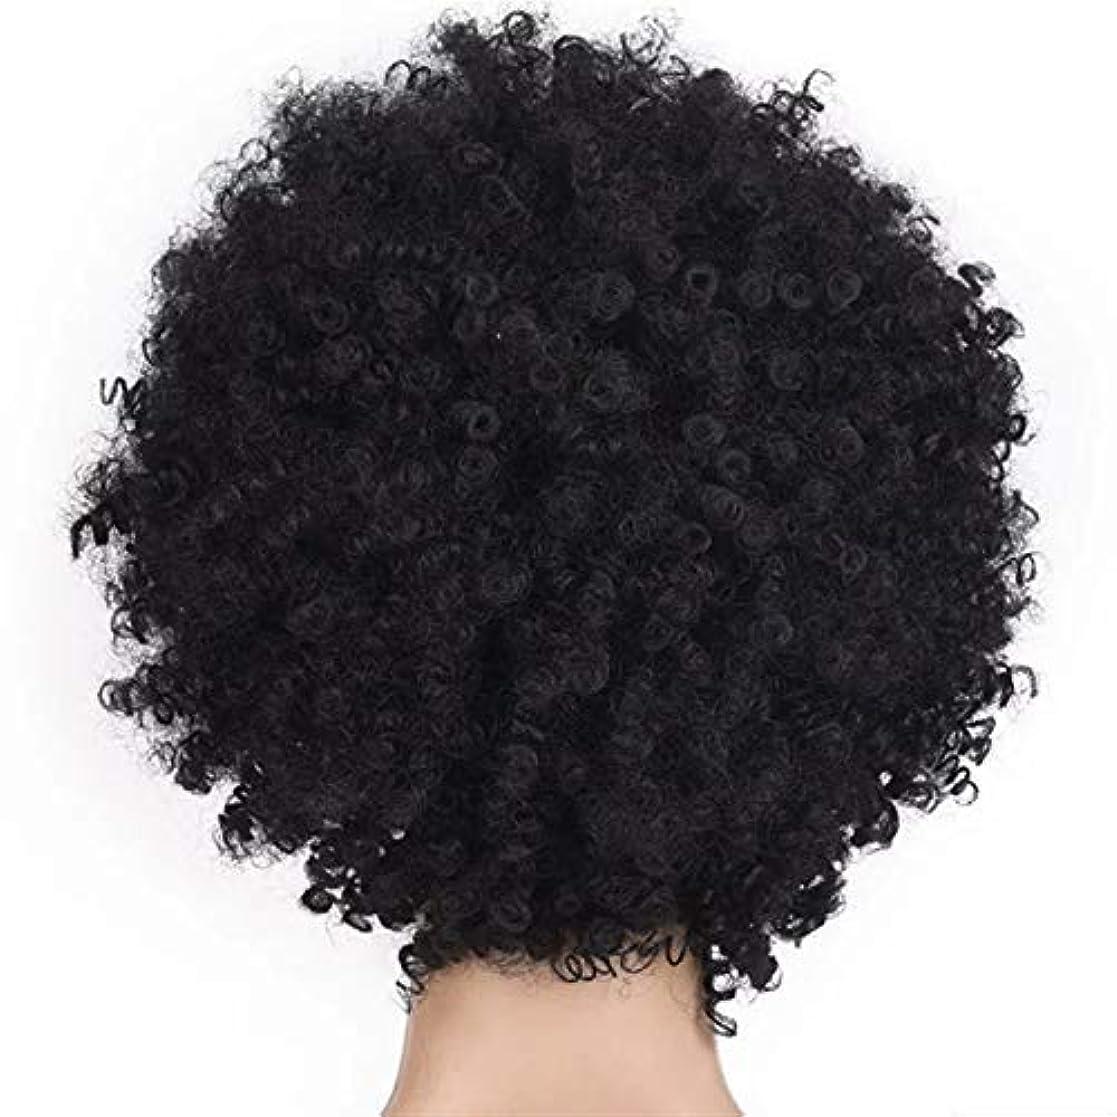 望遠鏡兵隊つばSRY-Wigファッション ファッション短い髪の女性のかつらかつらアフリカのかつら爆発的なヘッドかつら女性高温シルク化学繊維かつらヘッドギア (Color : Black)